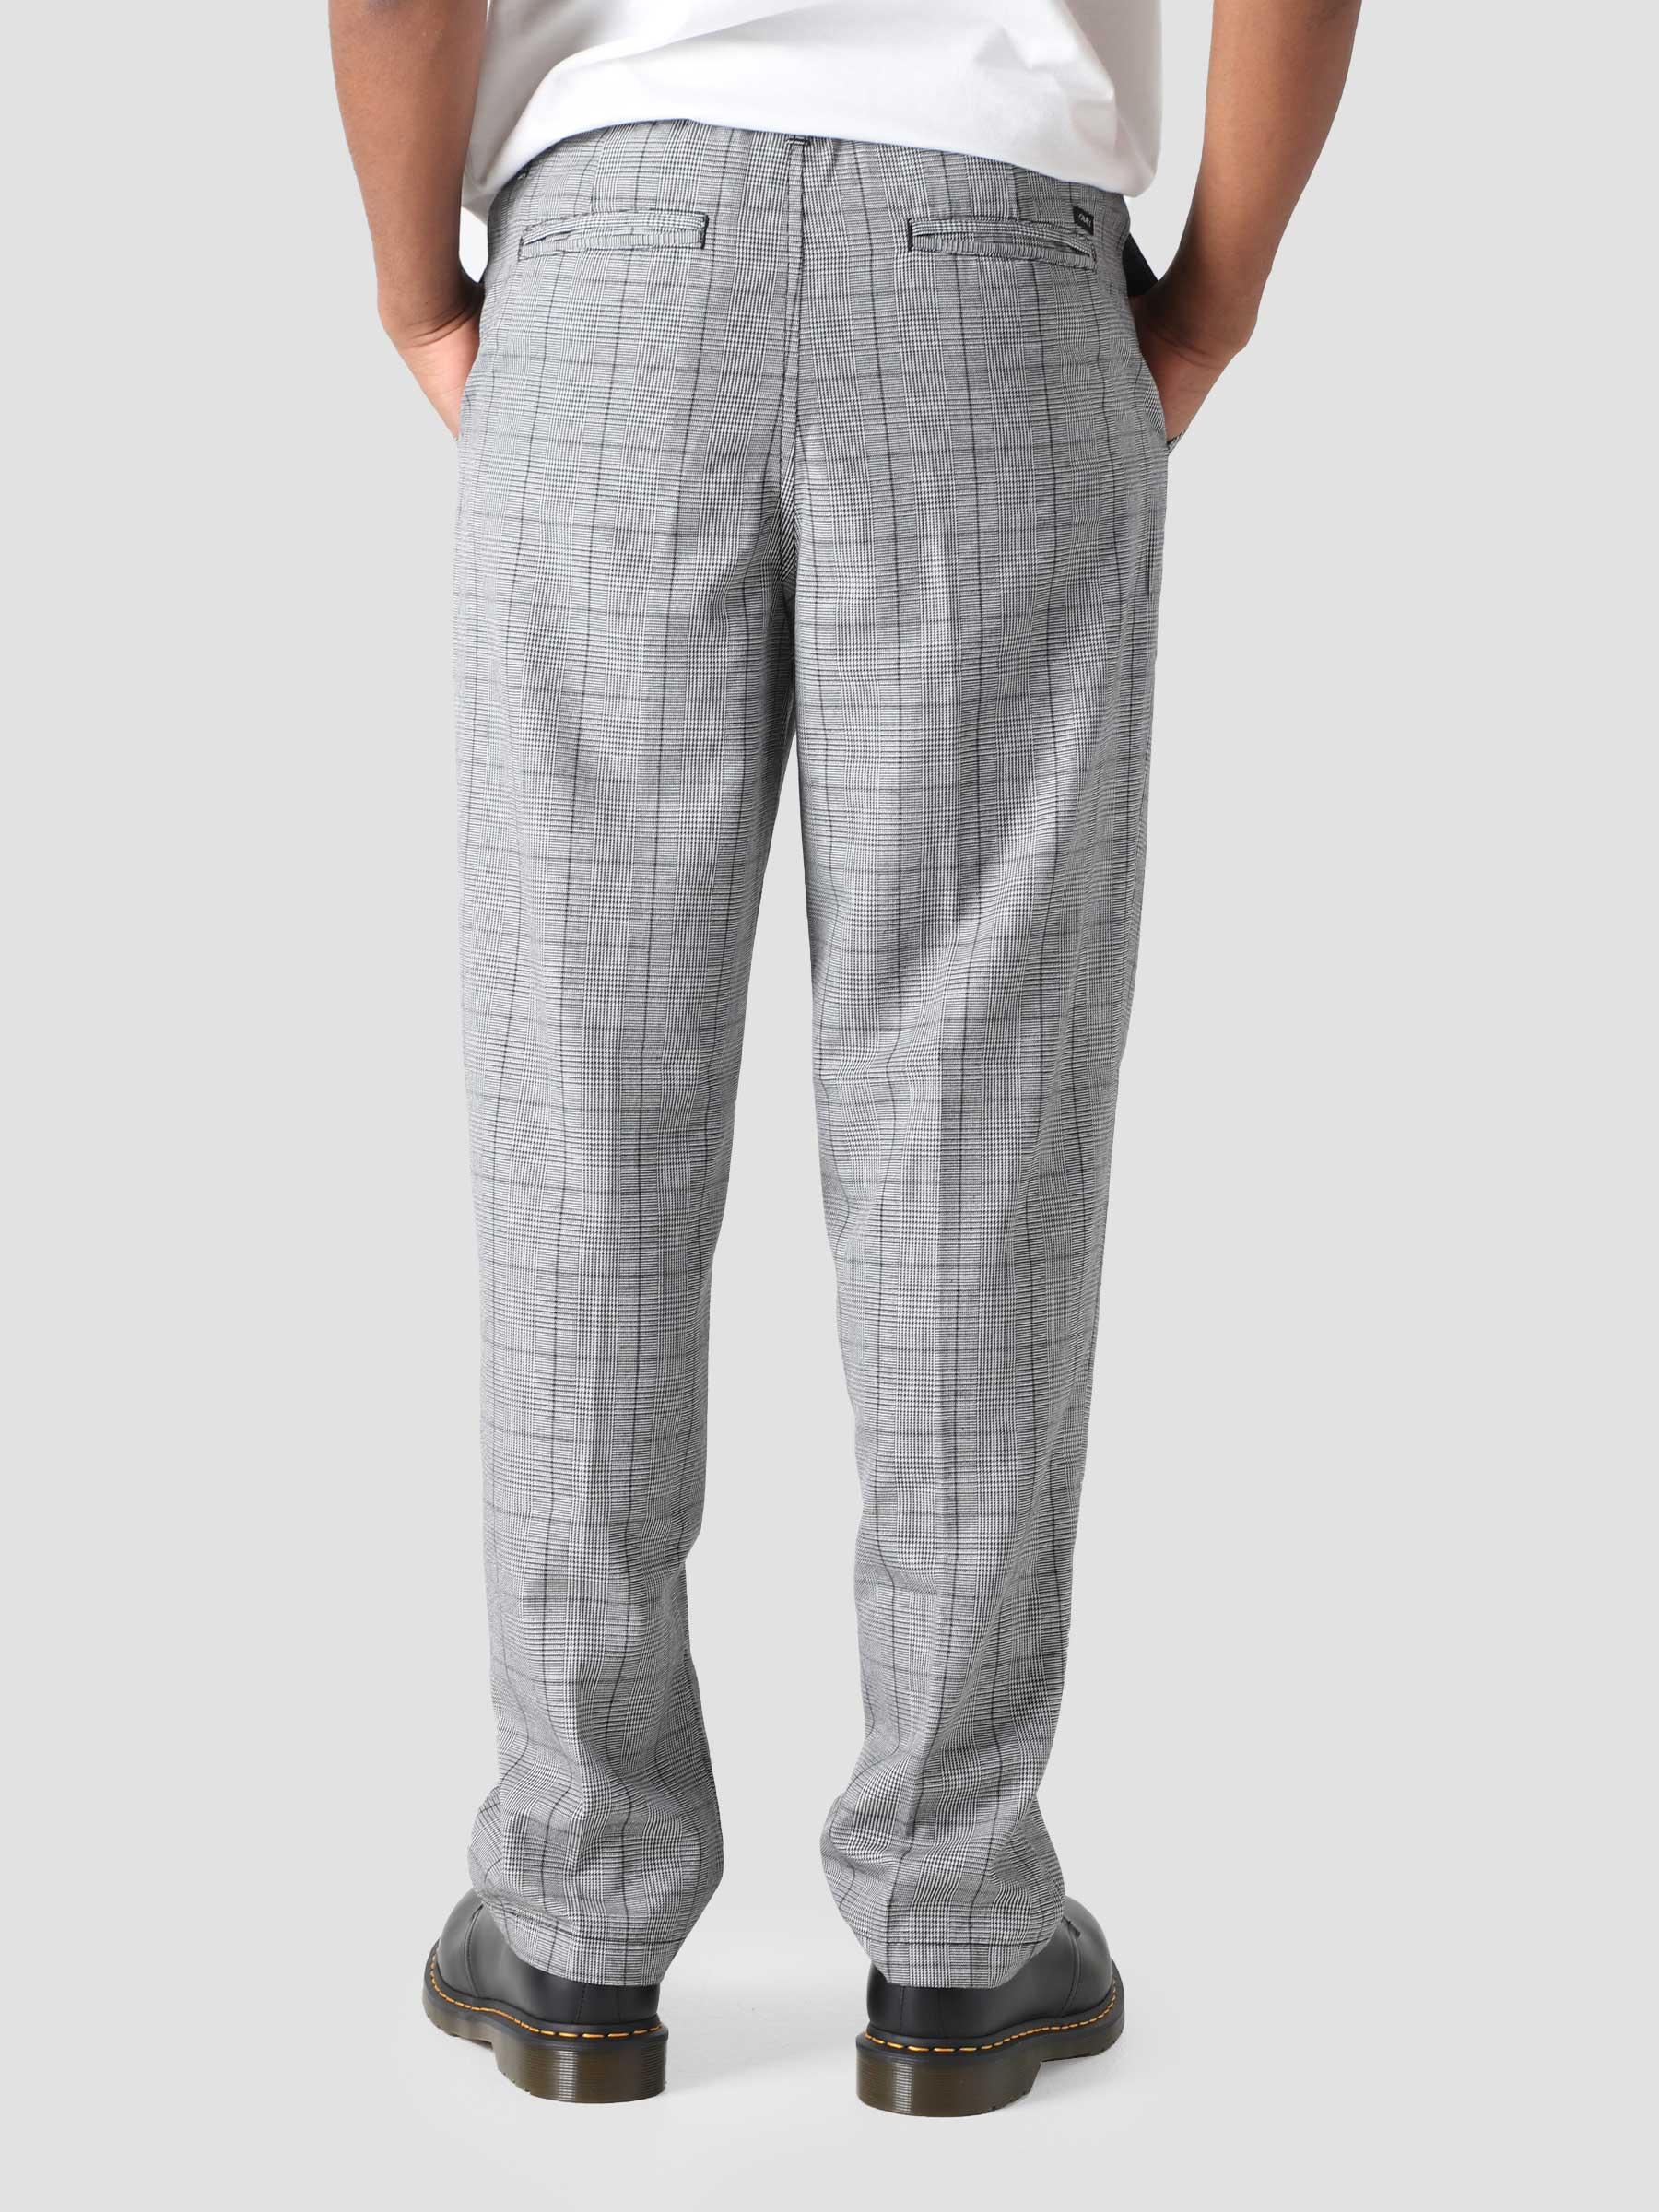 Newton Pant Pants Black Plaid 142020190